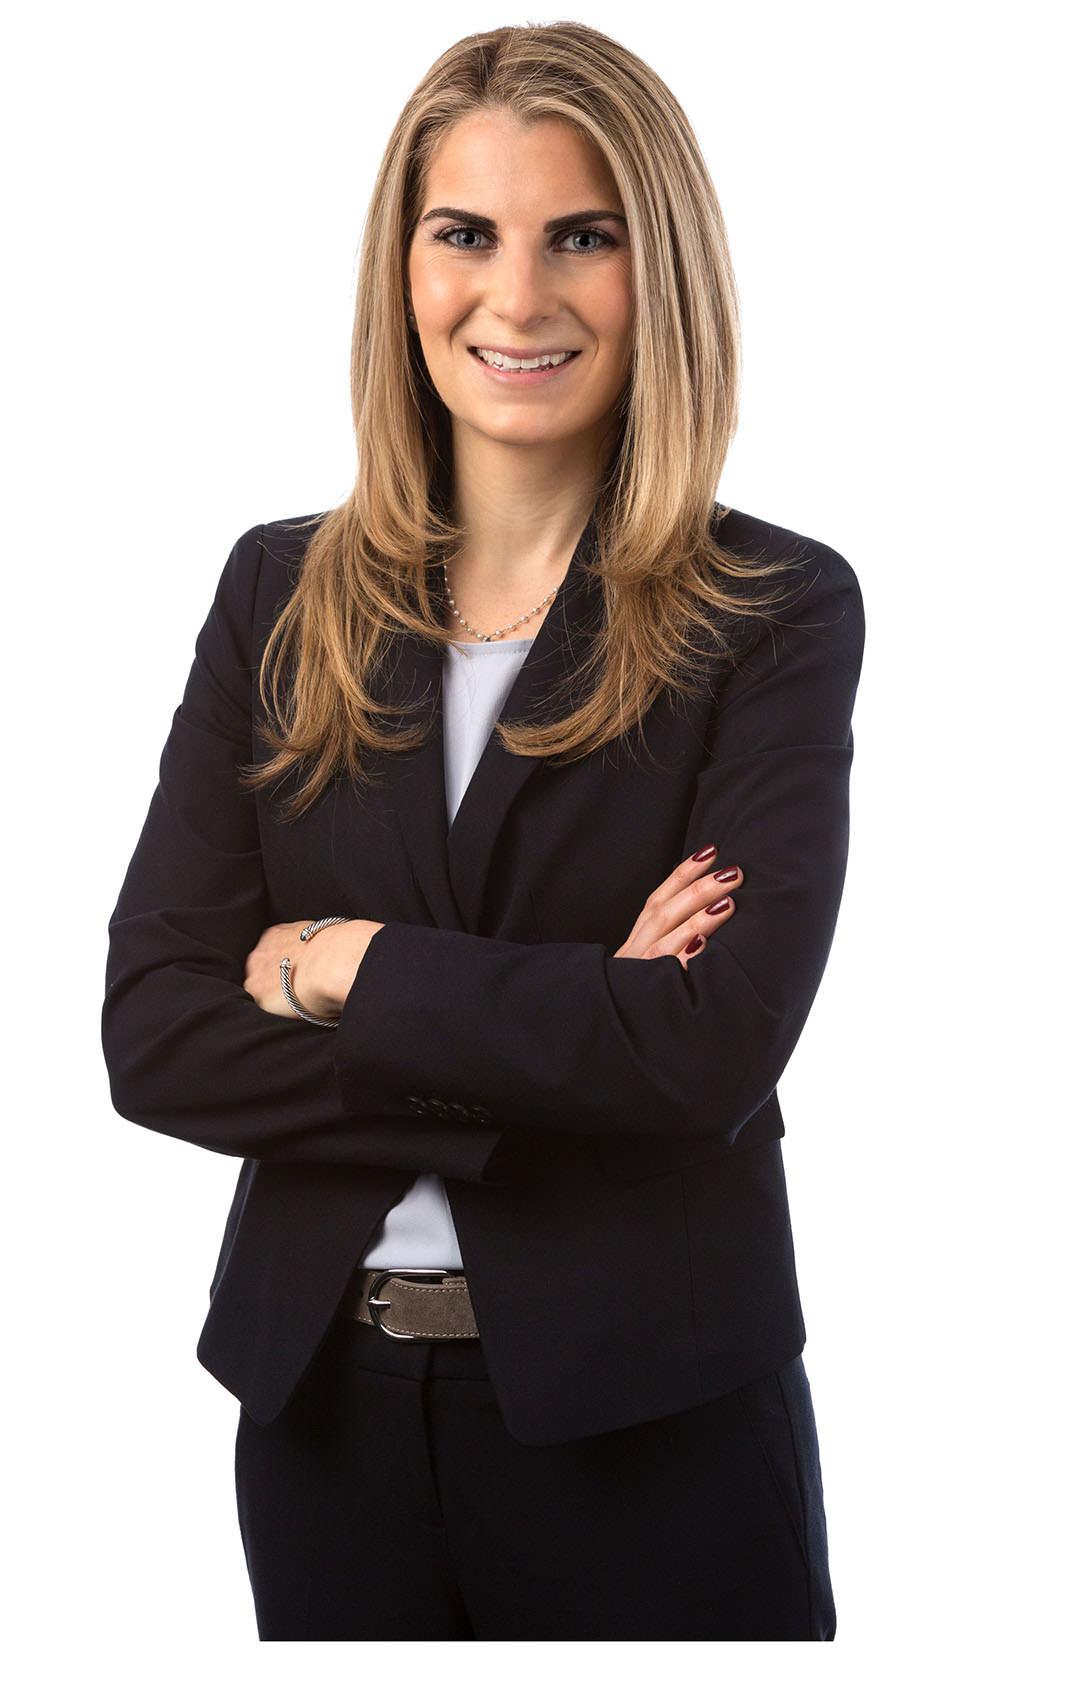 Lianna E. Donovan